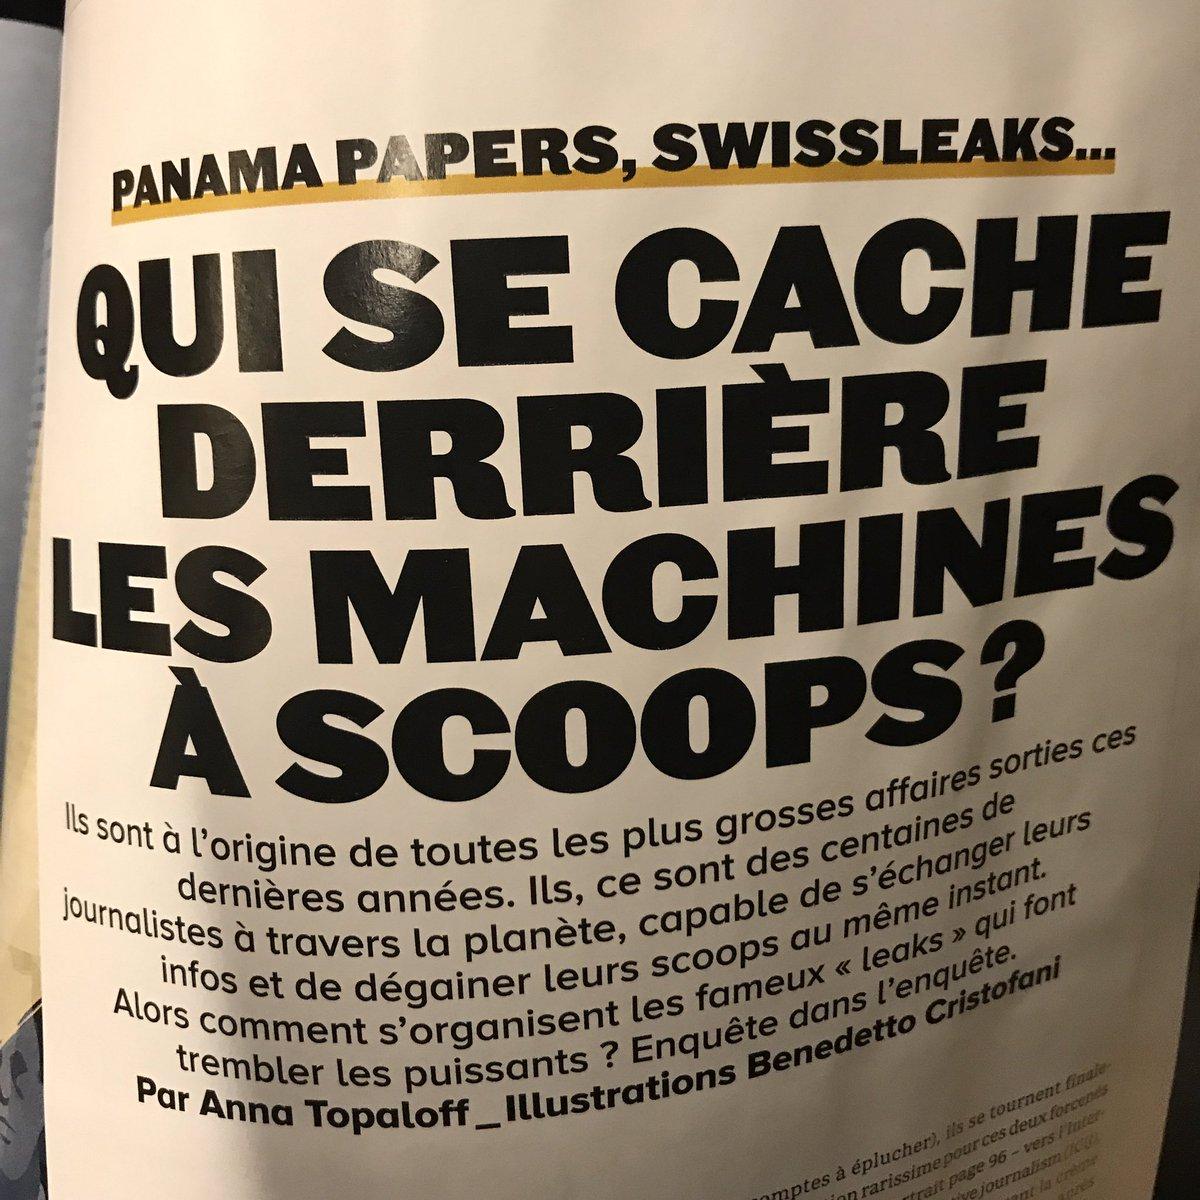 Intéressante enquête dans @GQ_France sur les 'machines à scoops'. Accompagnée d'un portrait croisé de Davet et L'homme.